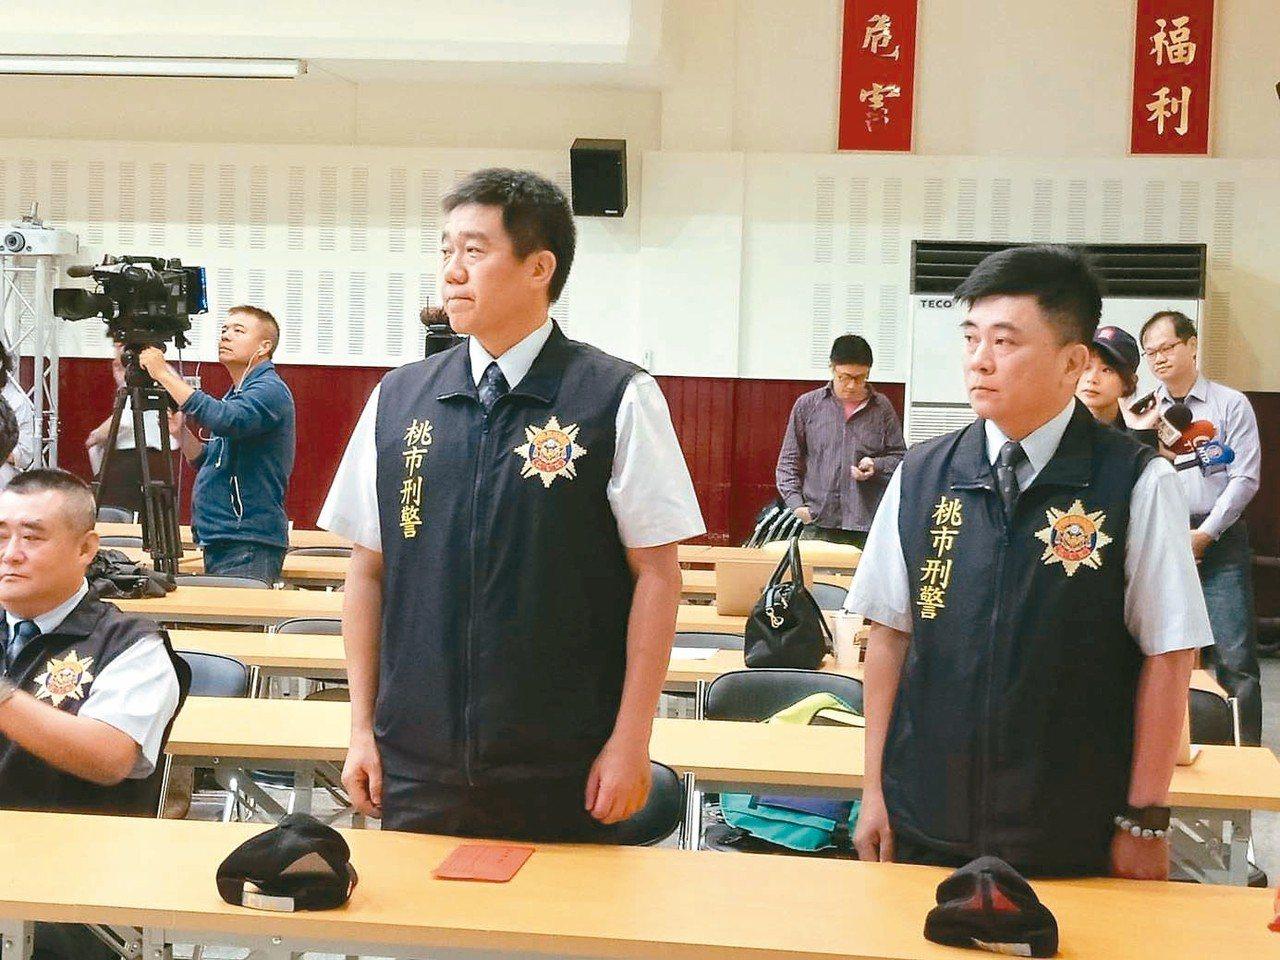 桃園市警局刑事小隊長王強生(左)、洪俊德(右),在人質挾持事件中冒險談判奏功,確...